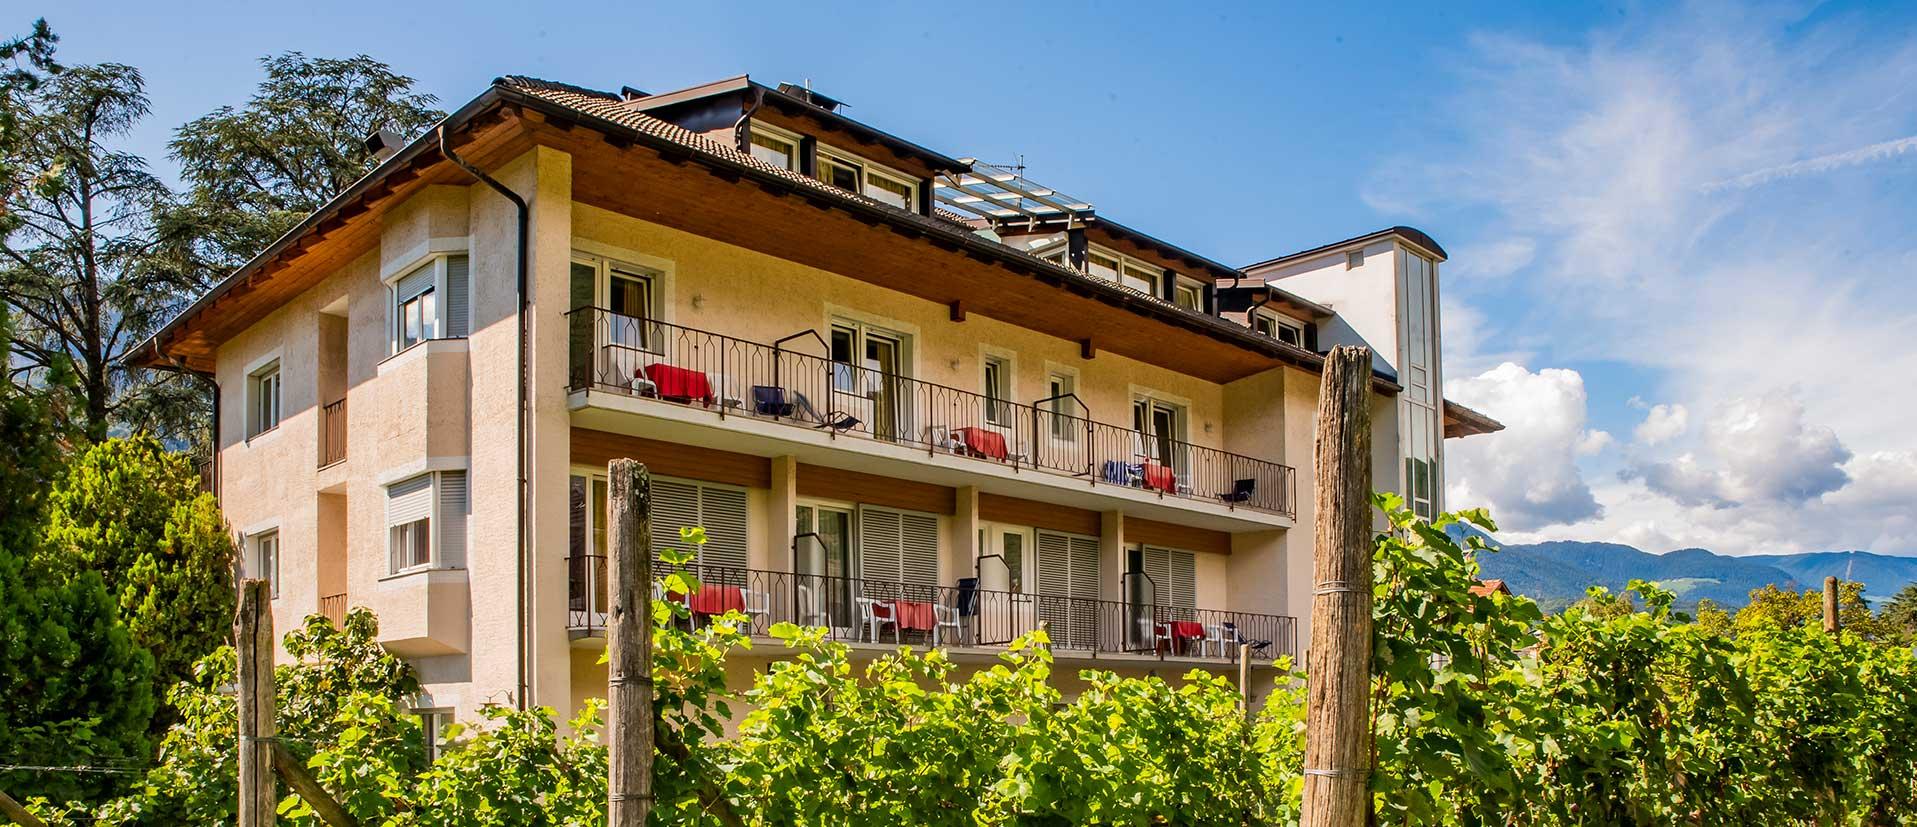 hotel-Weingarten-header-lang